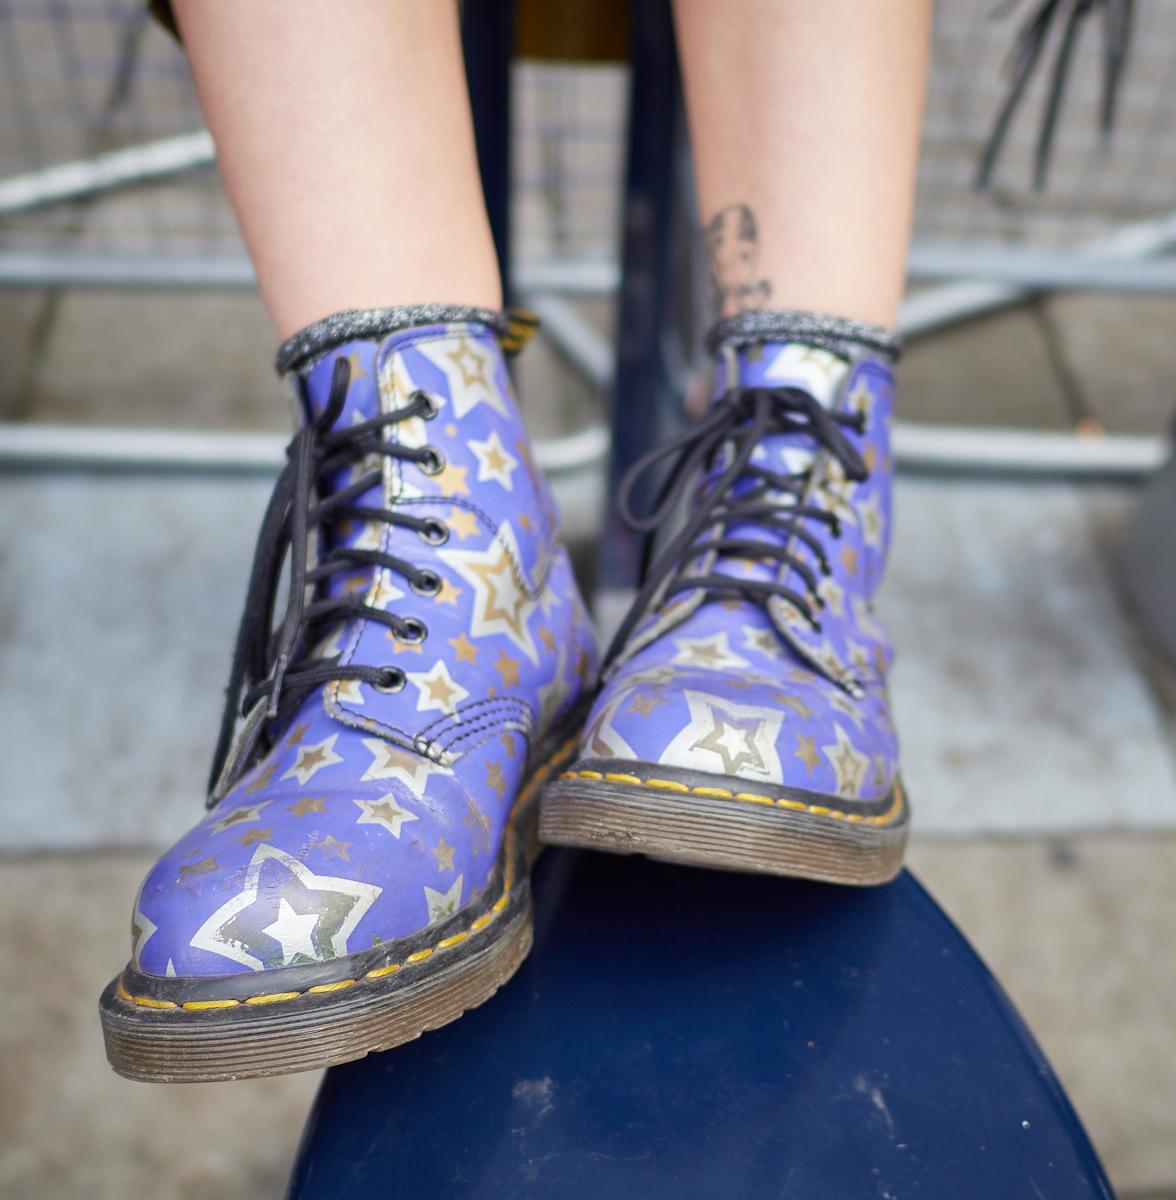 Shoes1600x1200 sRGB.jpg